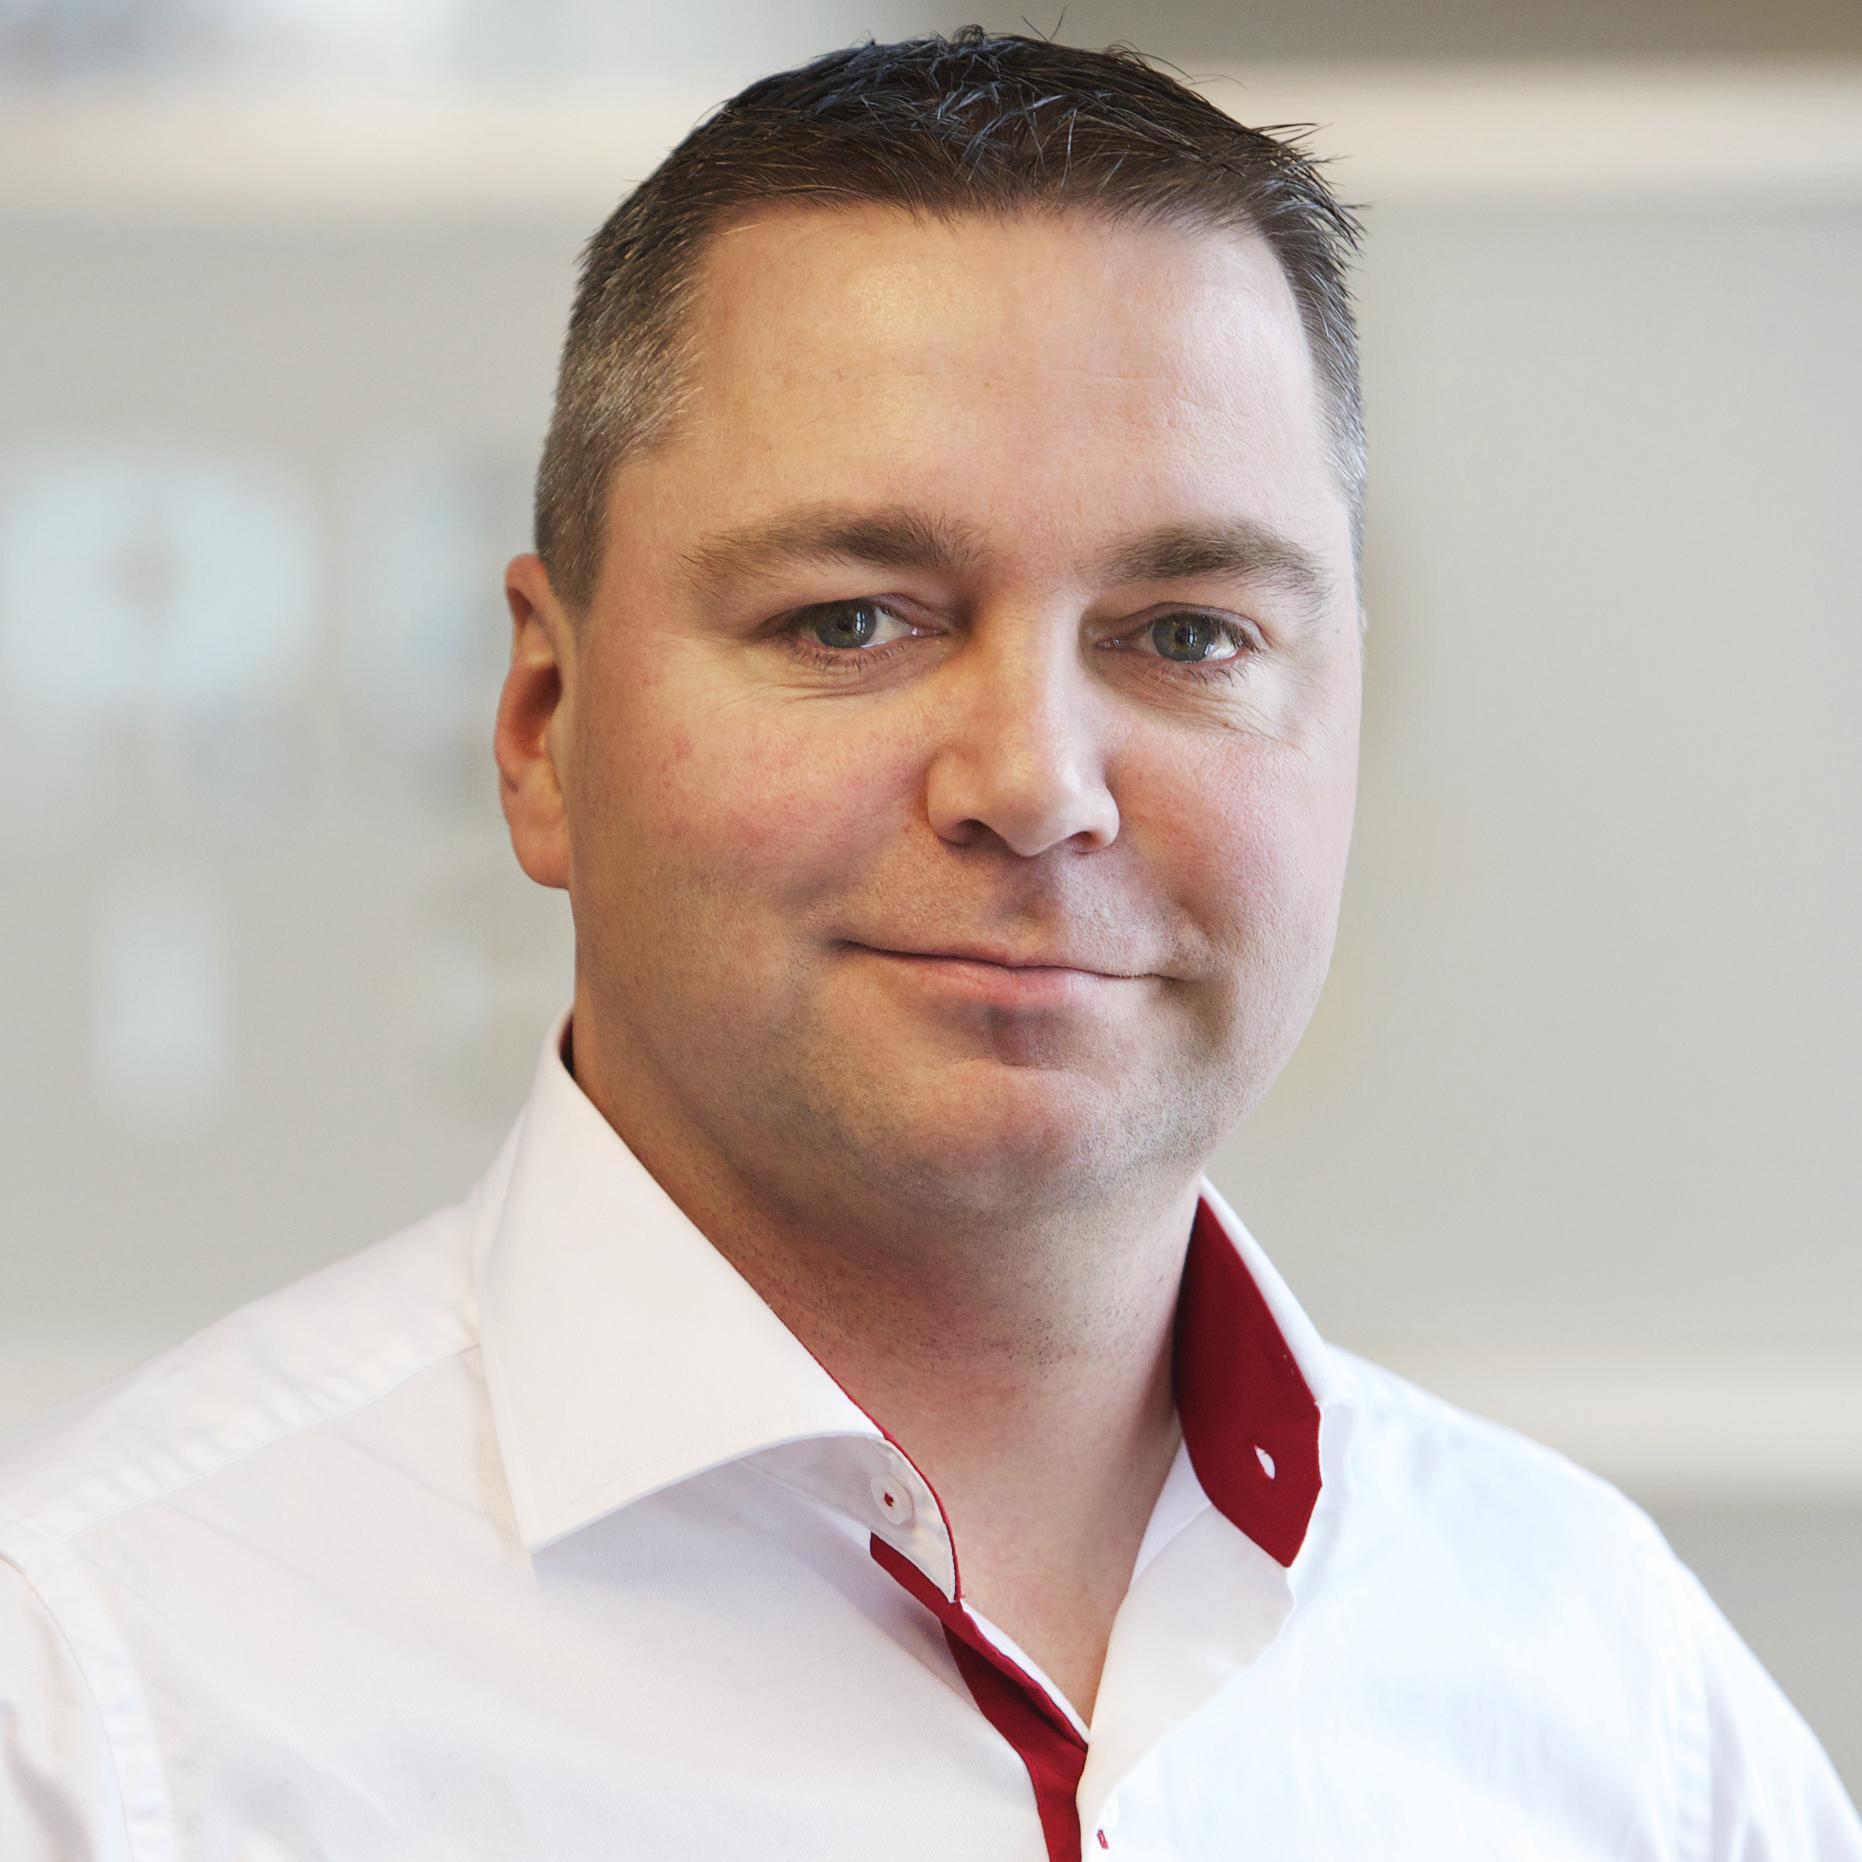 Albert Kramer, Technical Director Continental Europe, Trend Micro